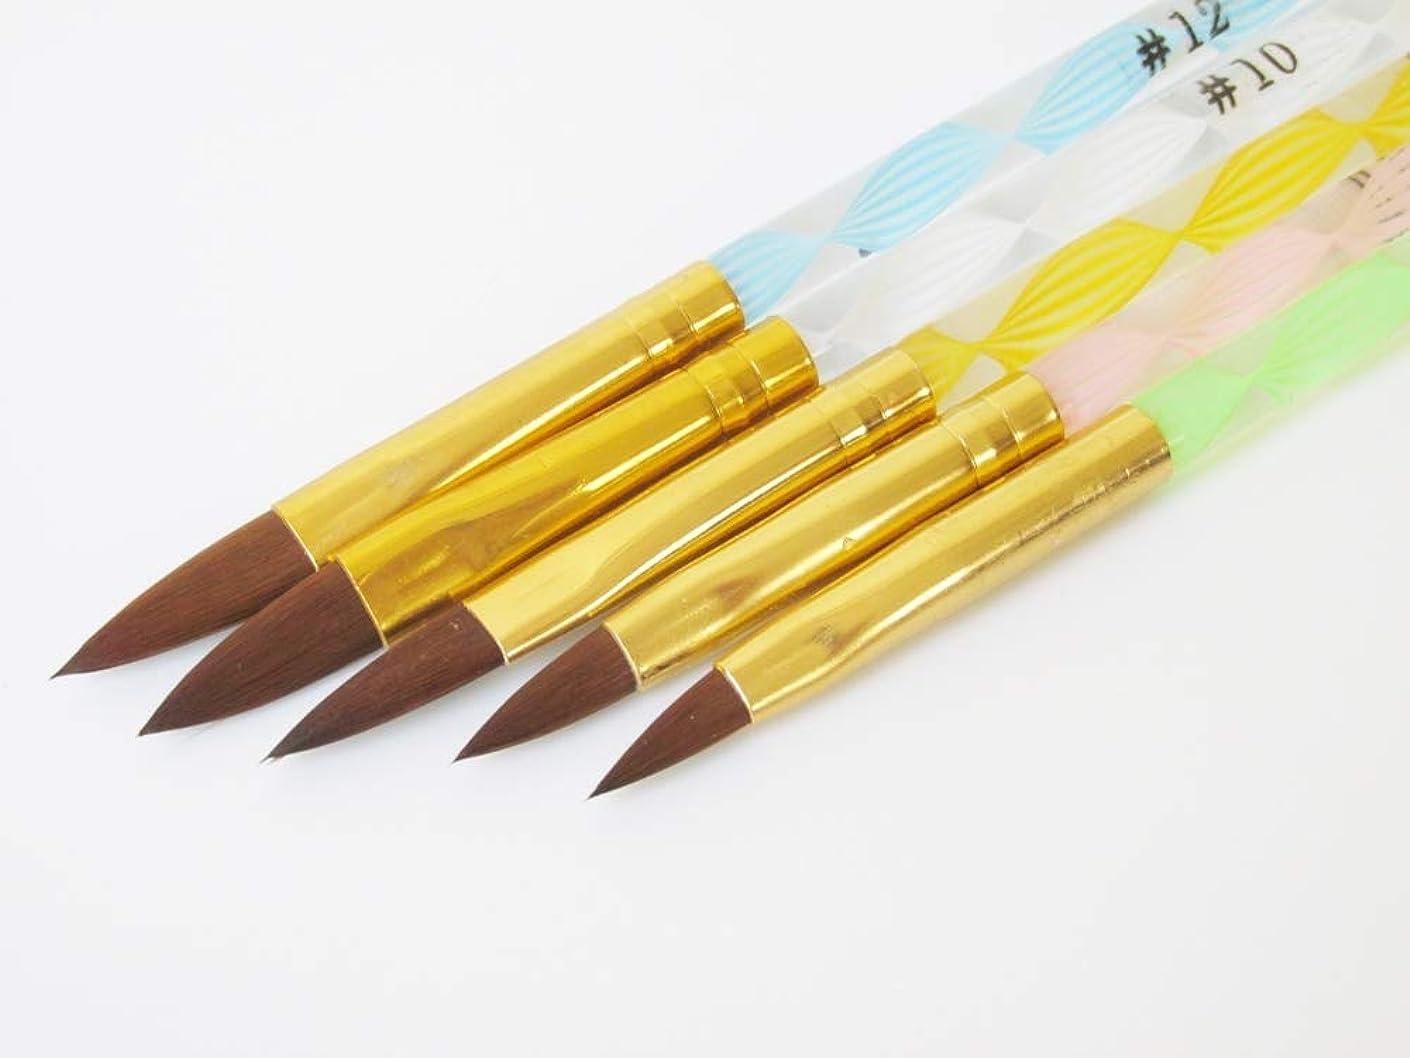 メールを書く棚エンディングRant Bell スカルプ ブラシ セットアクリル 3D ネイル オーバル筆 青 緑 ピンク 黄色 白 5本セット